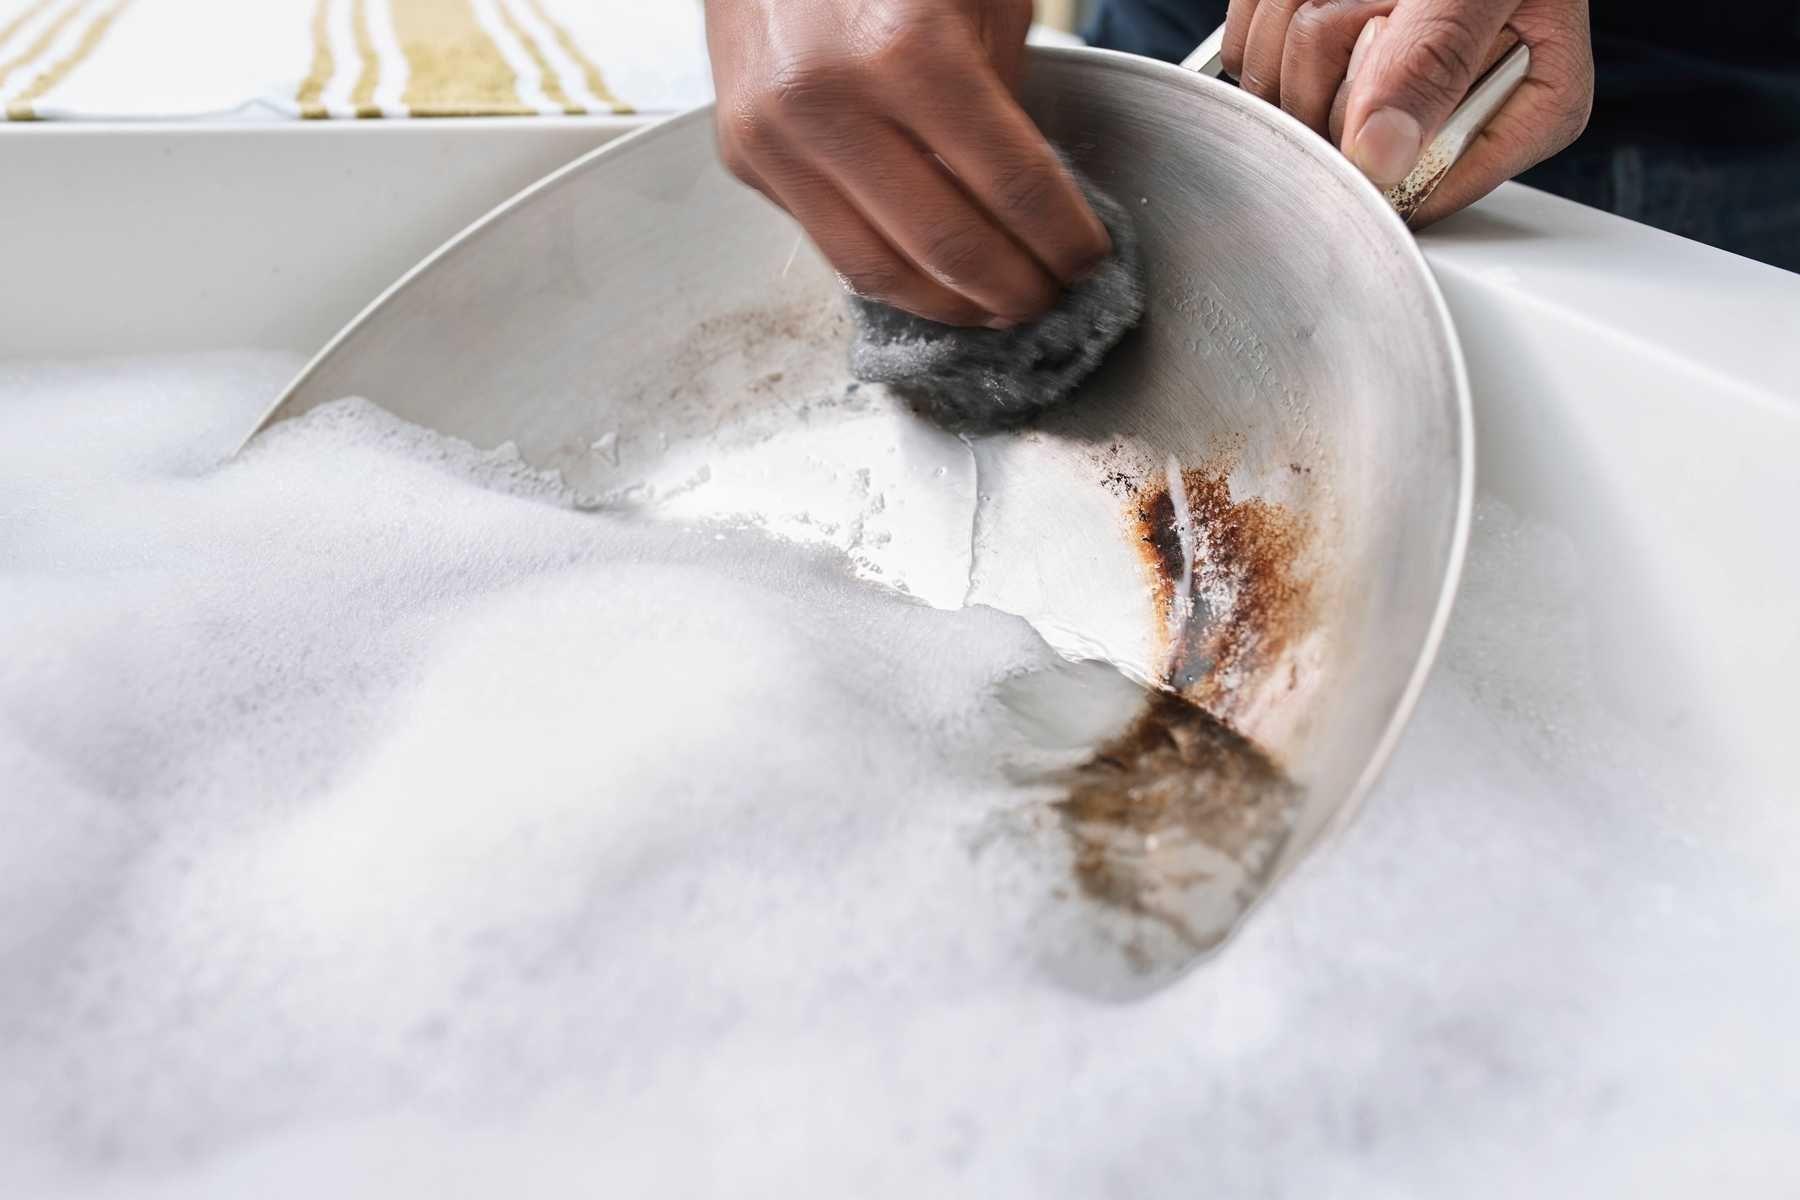 Cách làm sạch nồi bị cháy đen, khét nhanh chóng